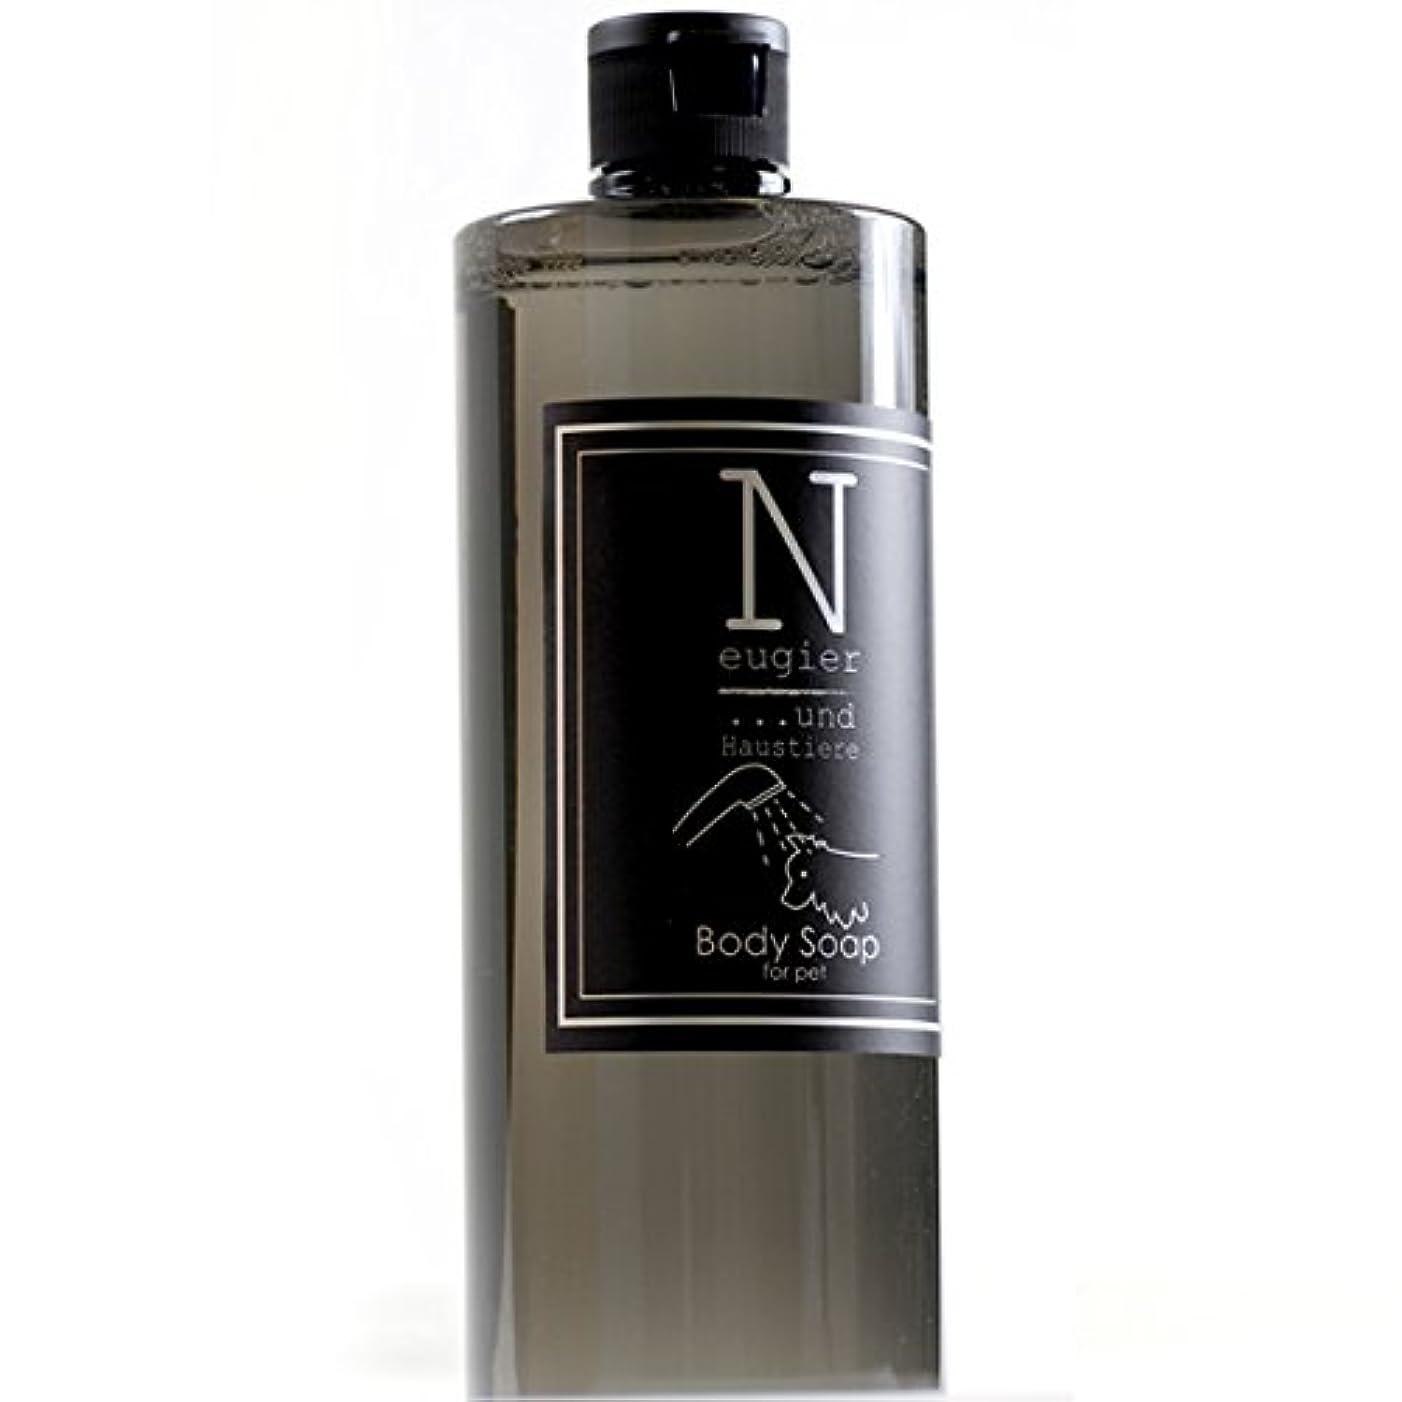 スイス人主流比率Neugier ケアシリーズ body Soap (ボディーソープ/ペットシャンプー) (500)